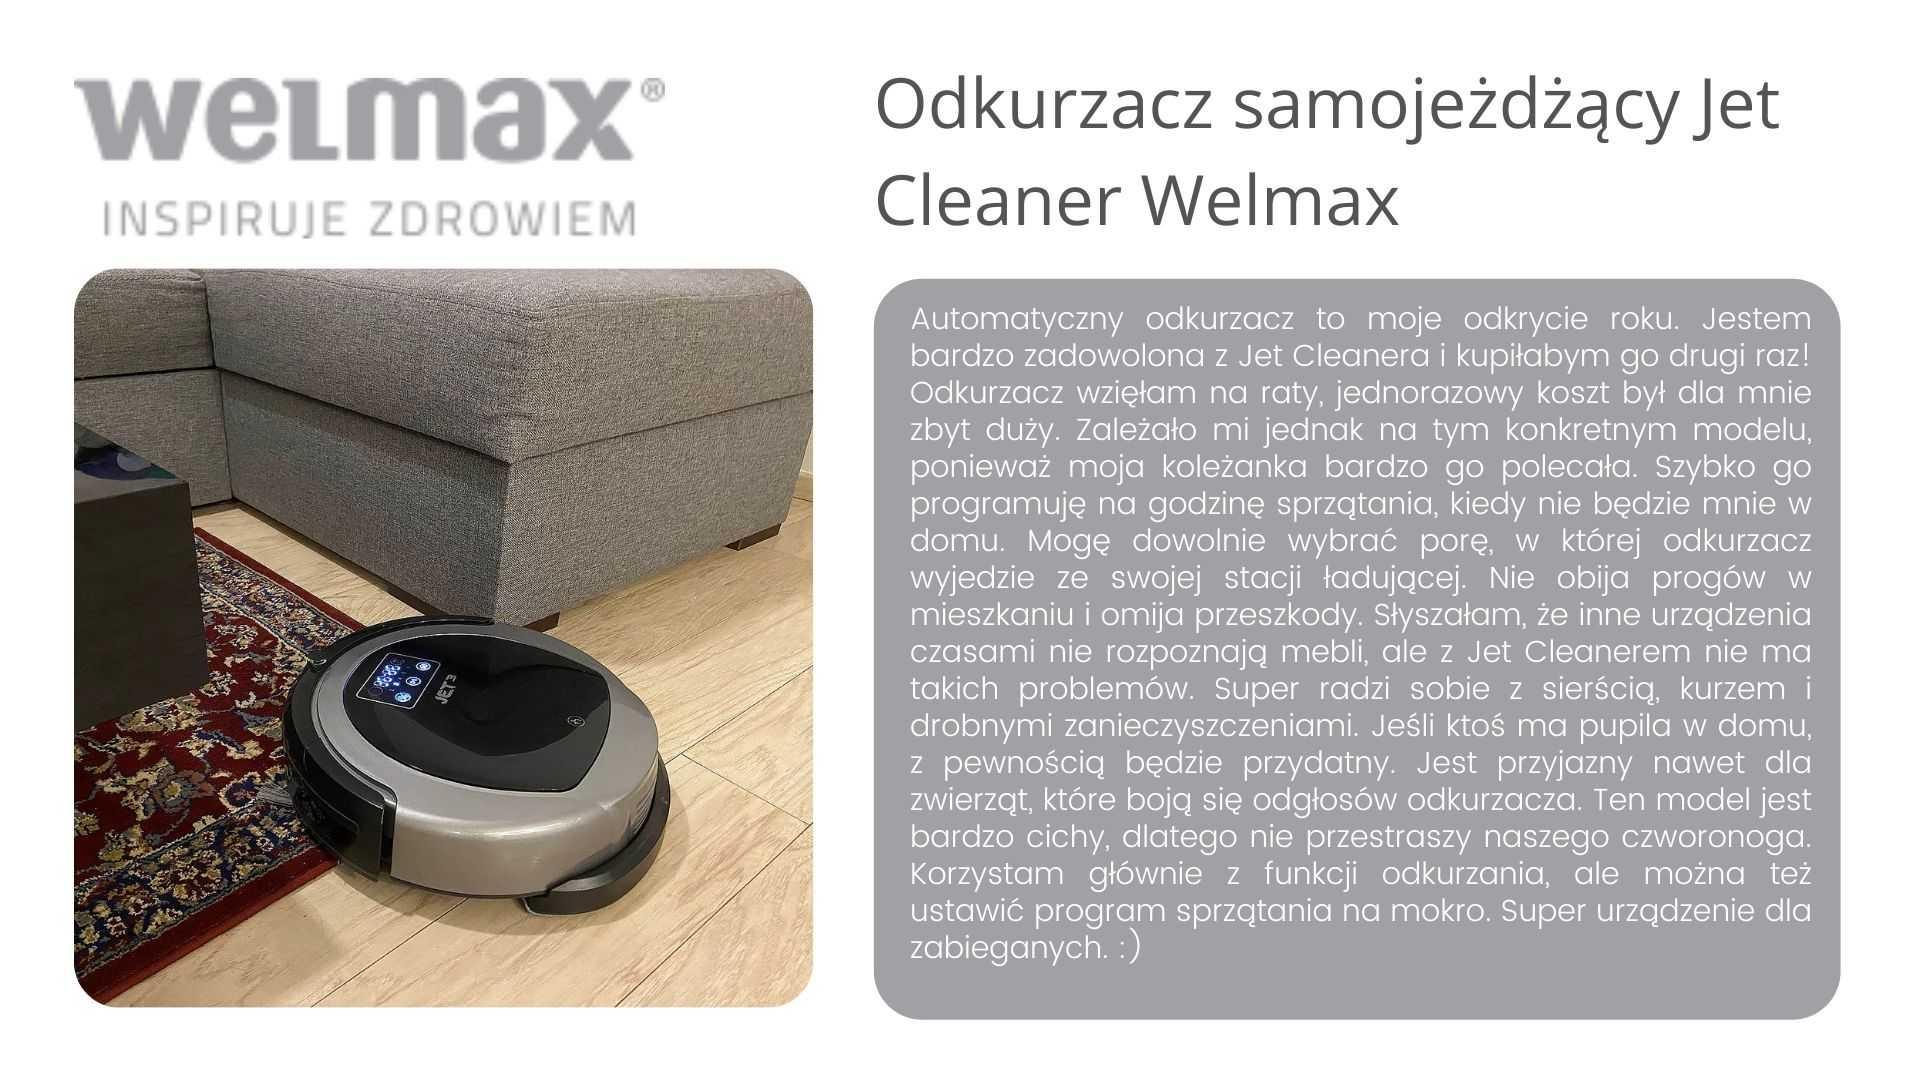 Jet Cleaner odkurzacz samojezdny Welmax opinie